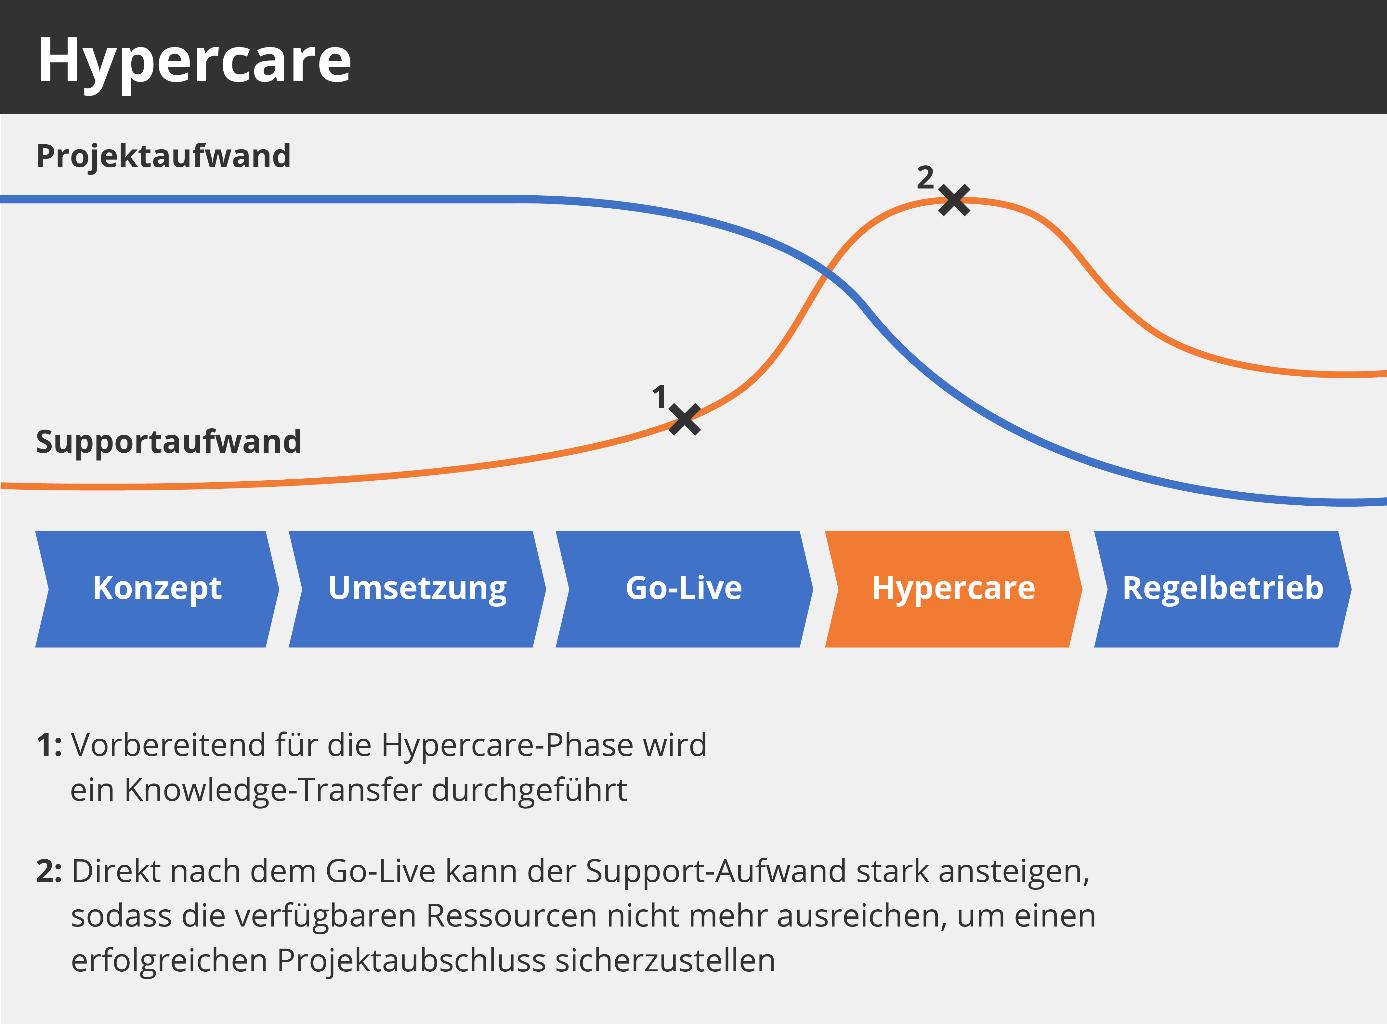 Hypercare